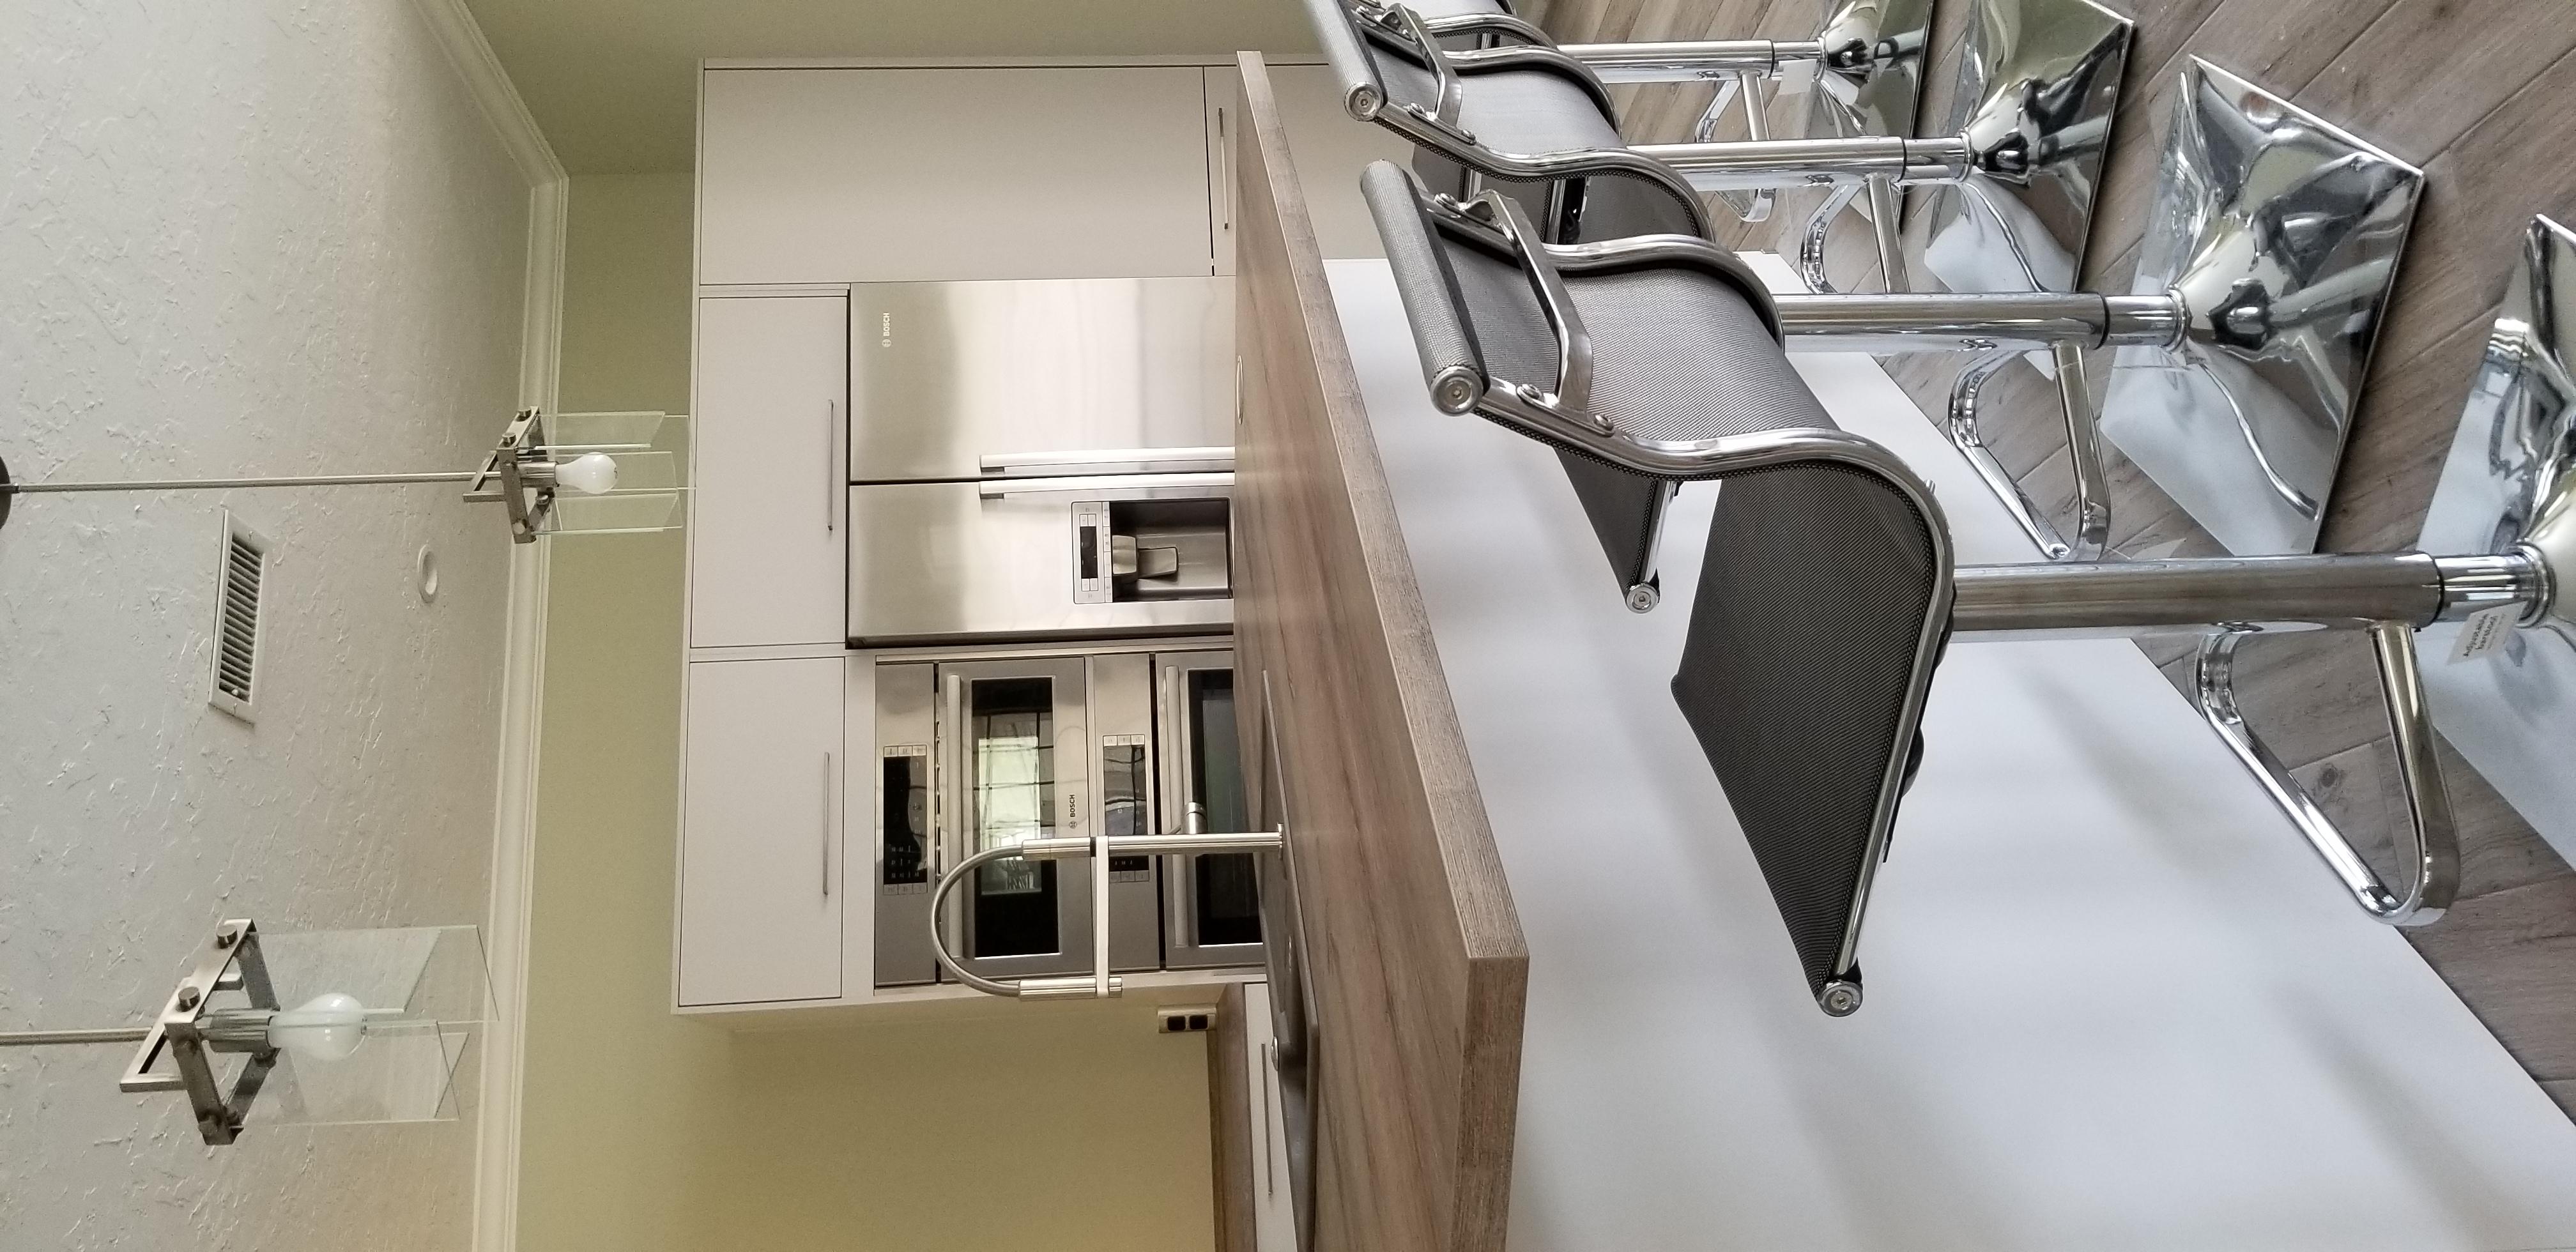 Kitchen and laundry room, Katy